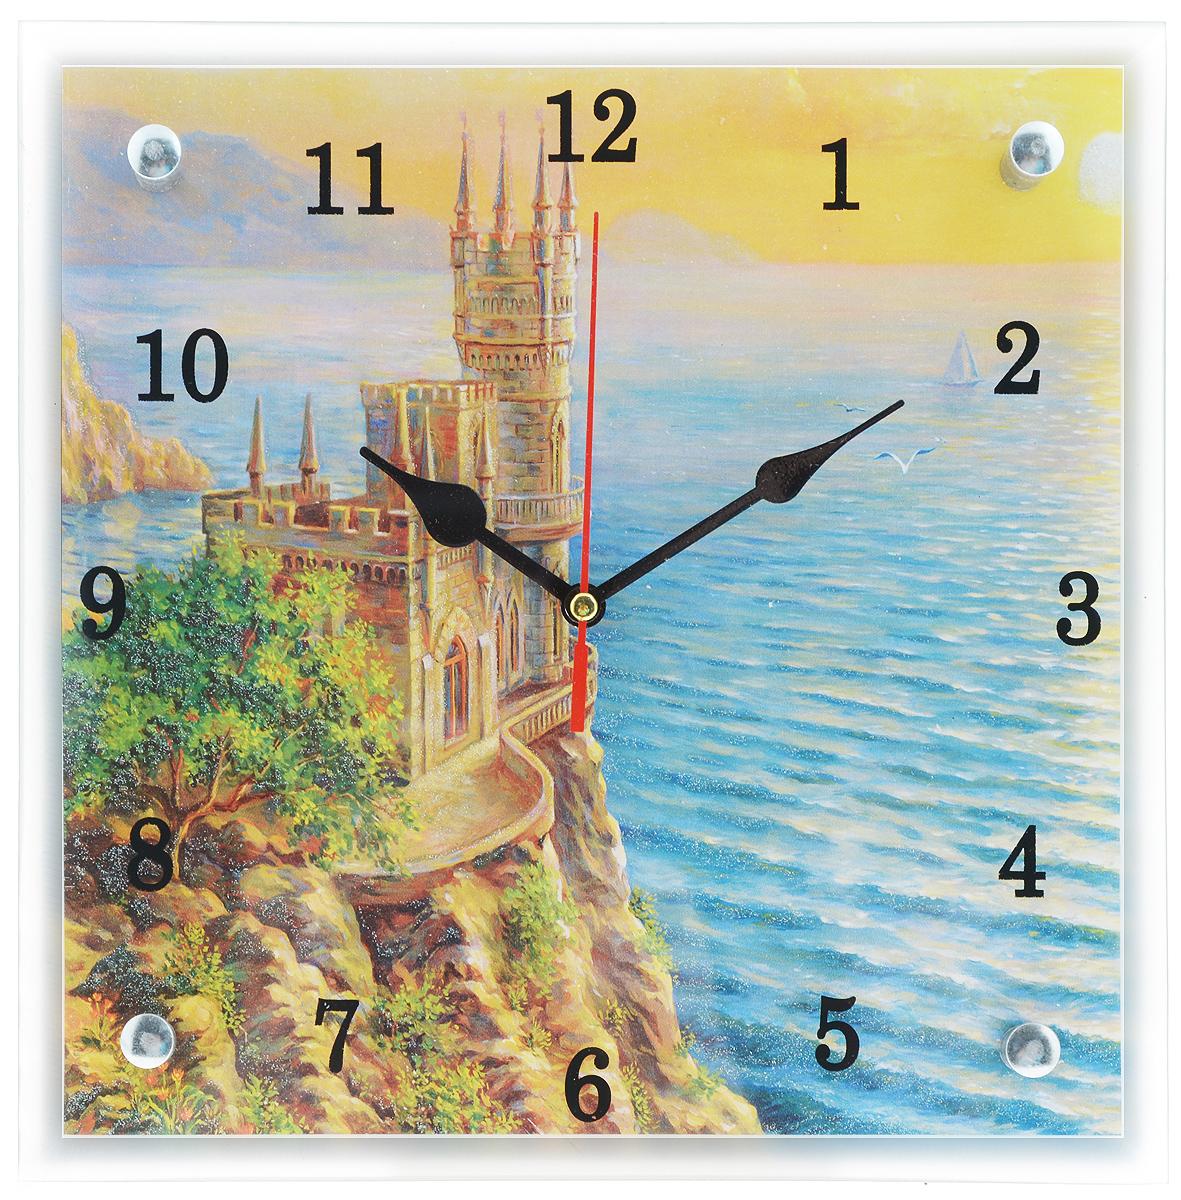 Часы настенные Proffi Home Ласточкино гнездо, 25 х 25 см17903Настенные кварцевые часы Proffi Home Ласточкино гнездо, изготовленные из ДВП и стекла, прекрасно подойдут под интерьер вашего дома. Квадратные часы имеют три стрелки: часовую, минутную и секундную. Часы оснащены металлической петелькой для подвешивания. Часы работают от 1 батарейки типа АА напряжением 1,5 В (не входит в комплект).Размер часов: 25 х 25 х 3,5 см.